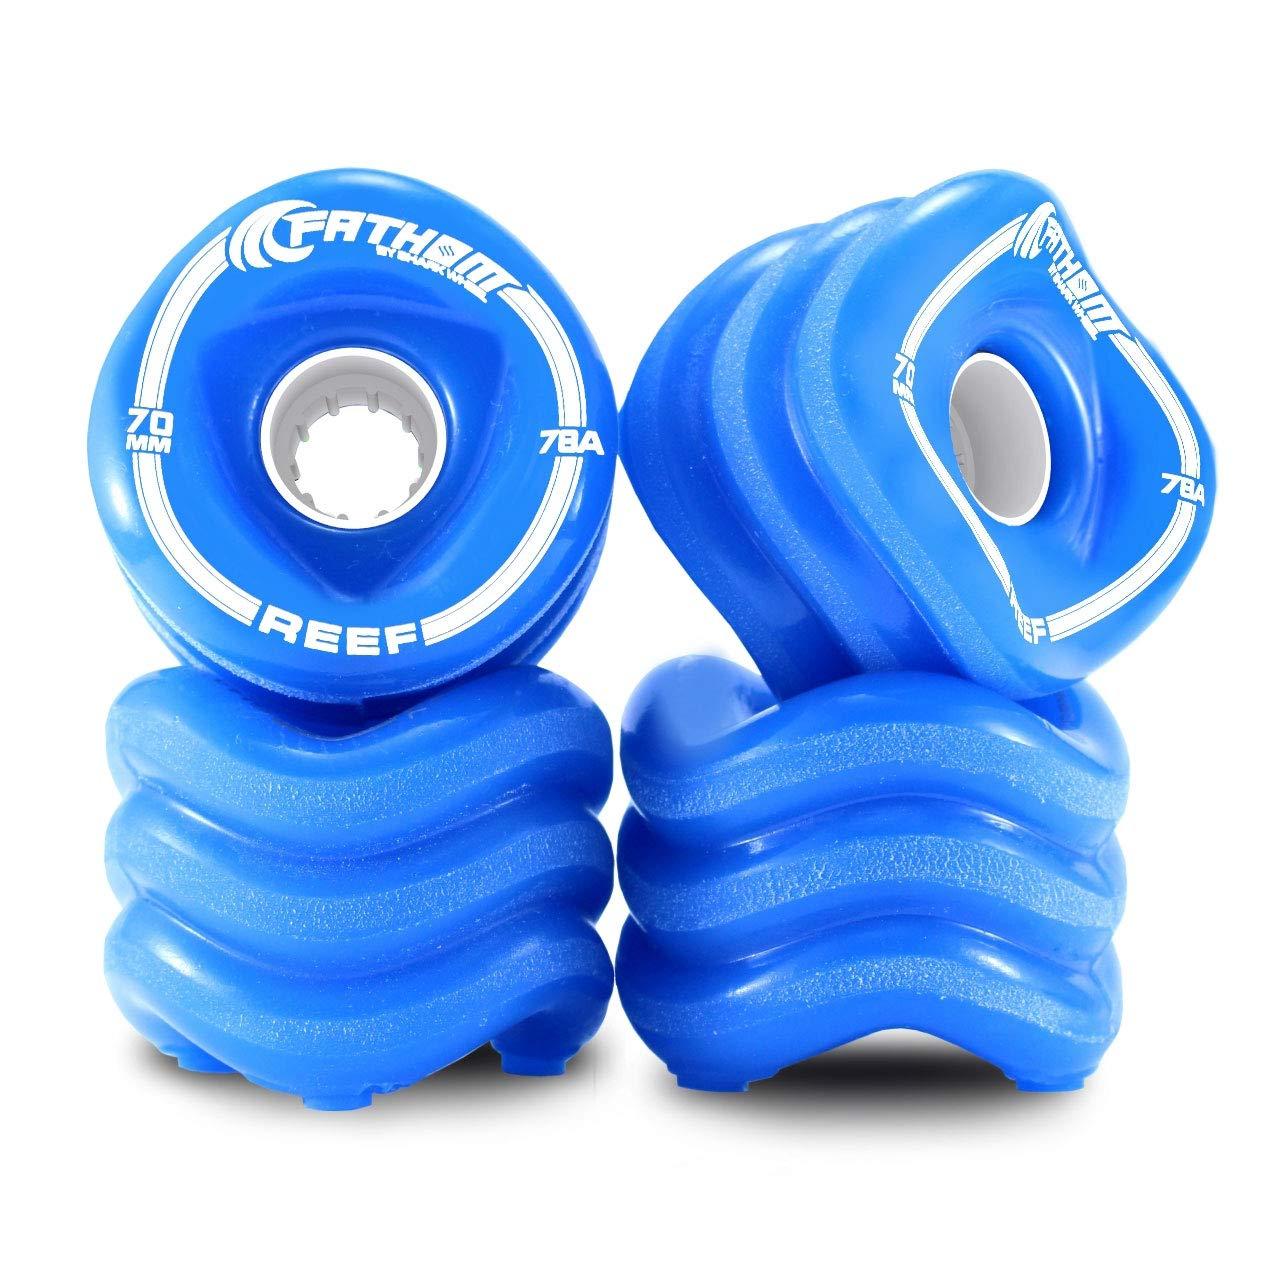 Shark Wheel 70MM Reef 4-Piece Innovative Skateboard Wheel Set, Blue by Shark Wheel